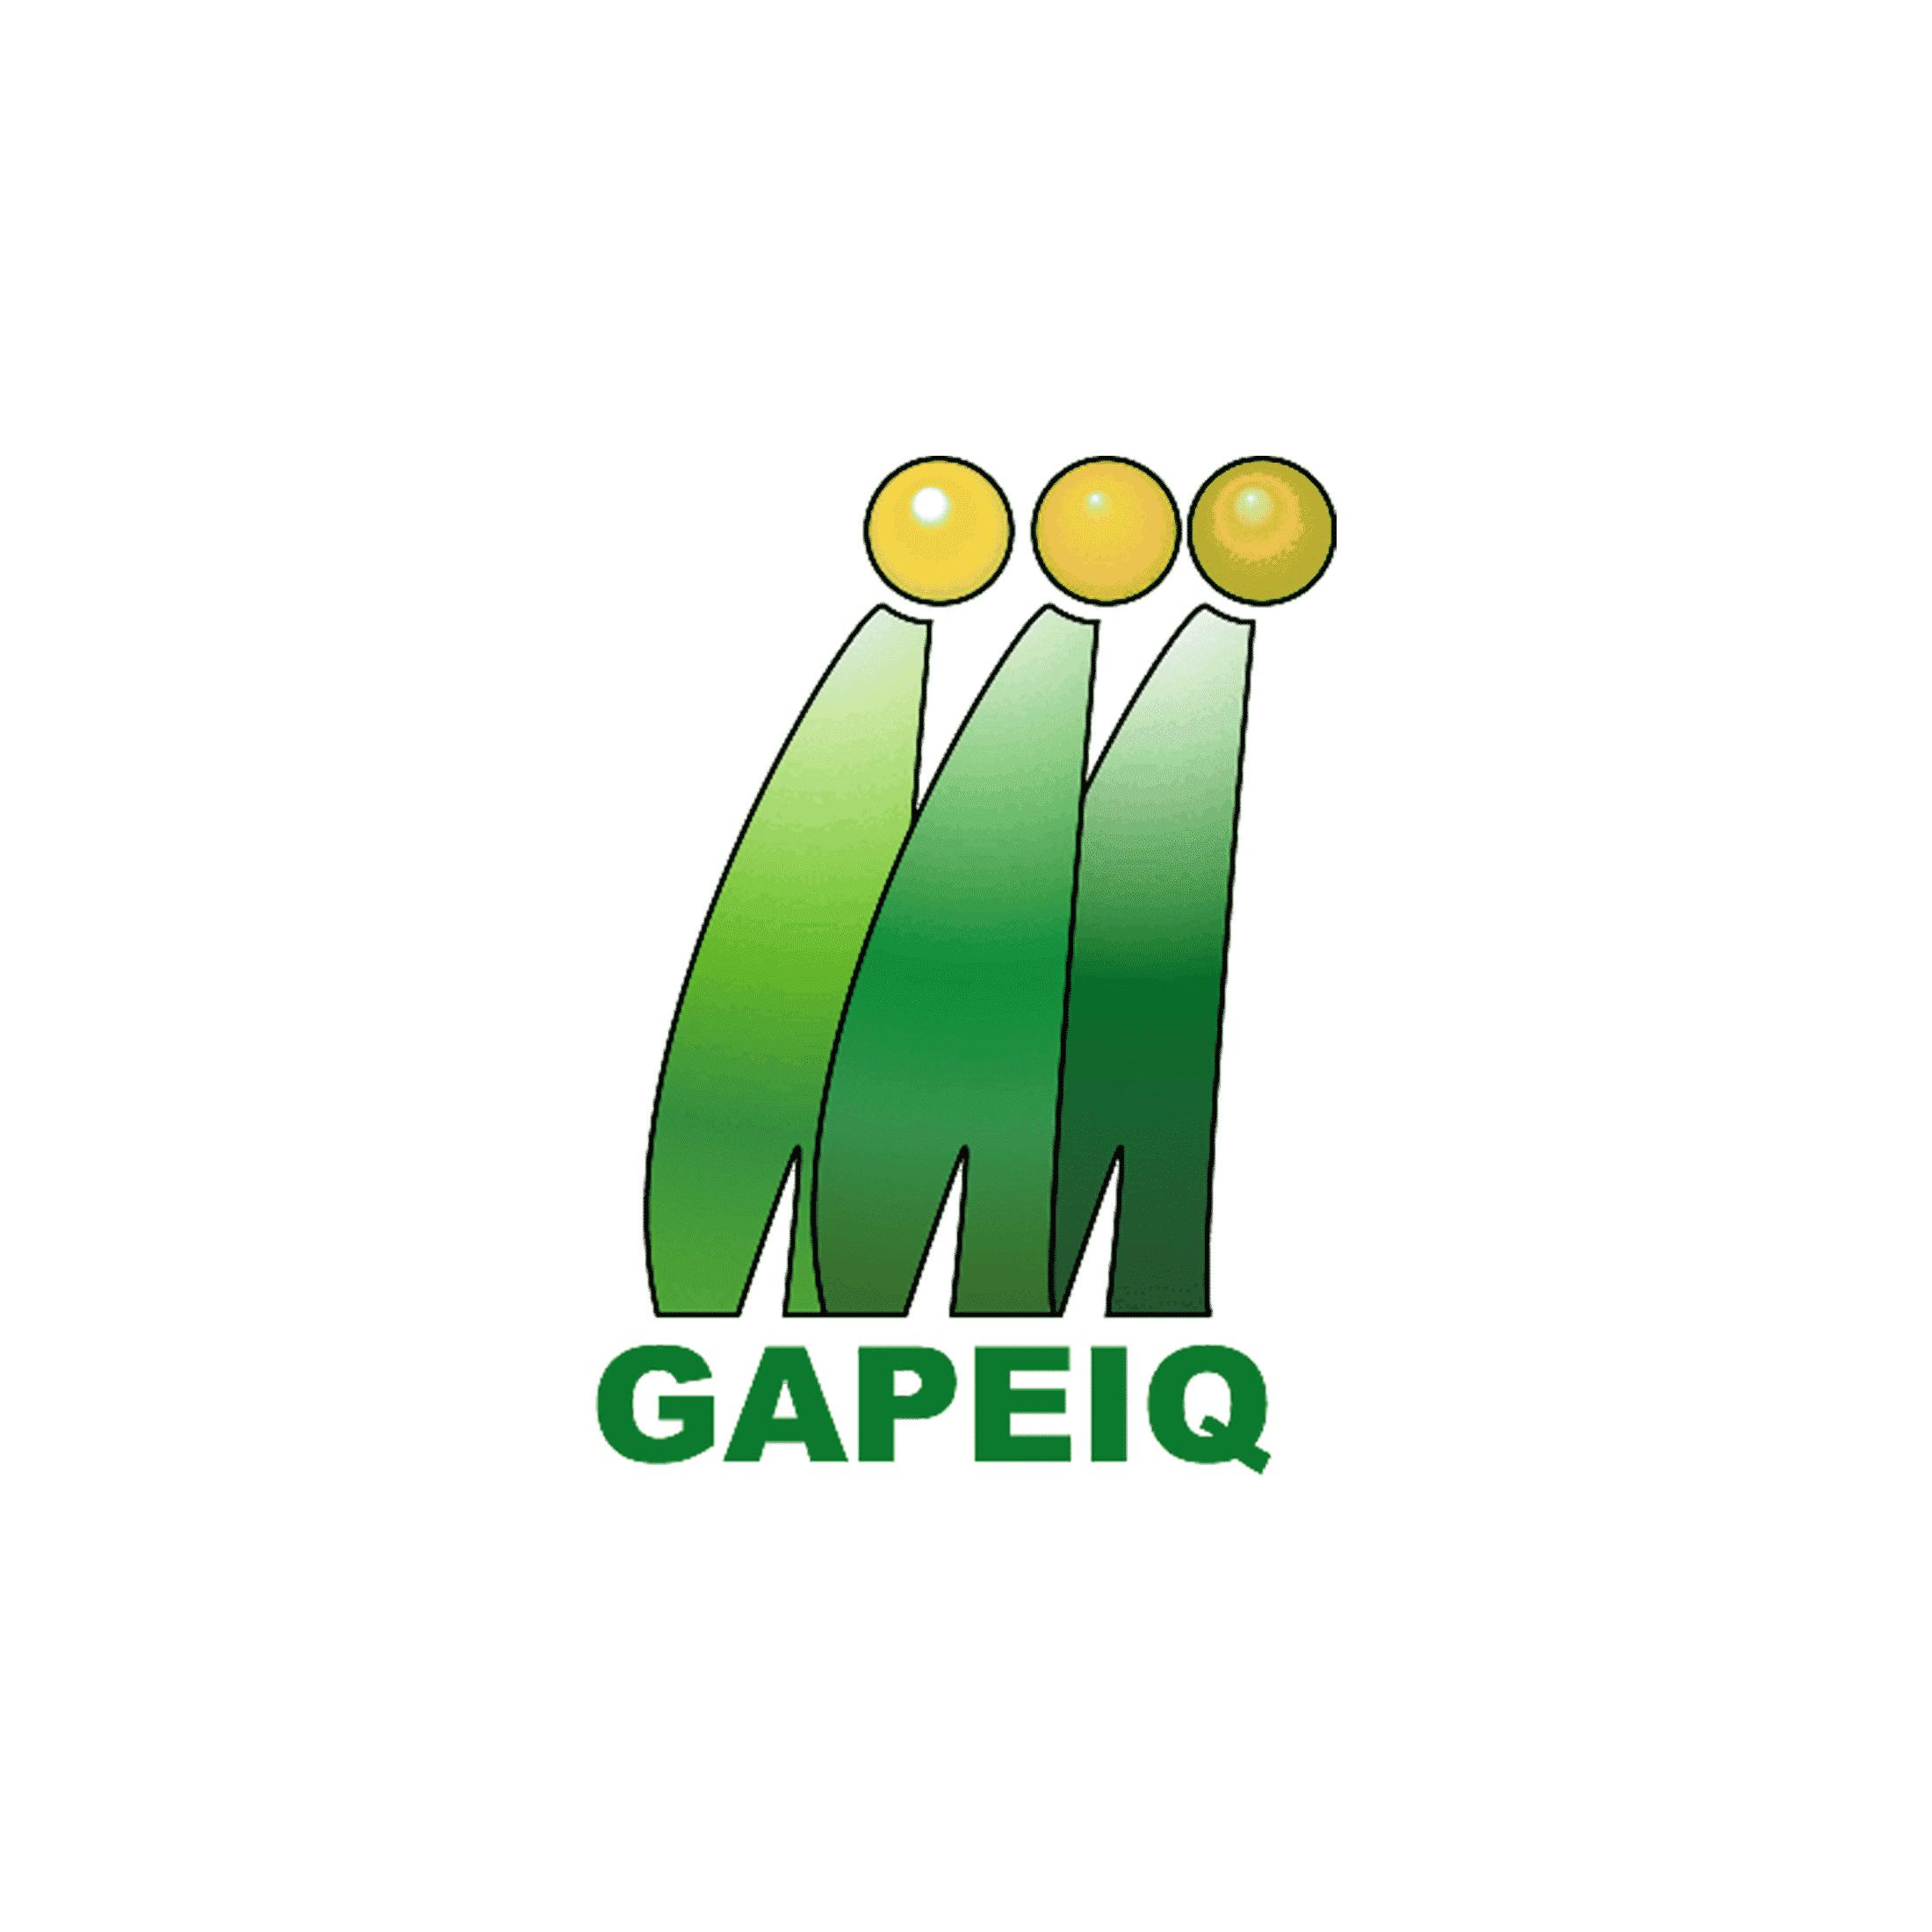 GAPEIQ